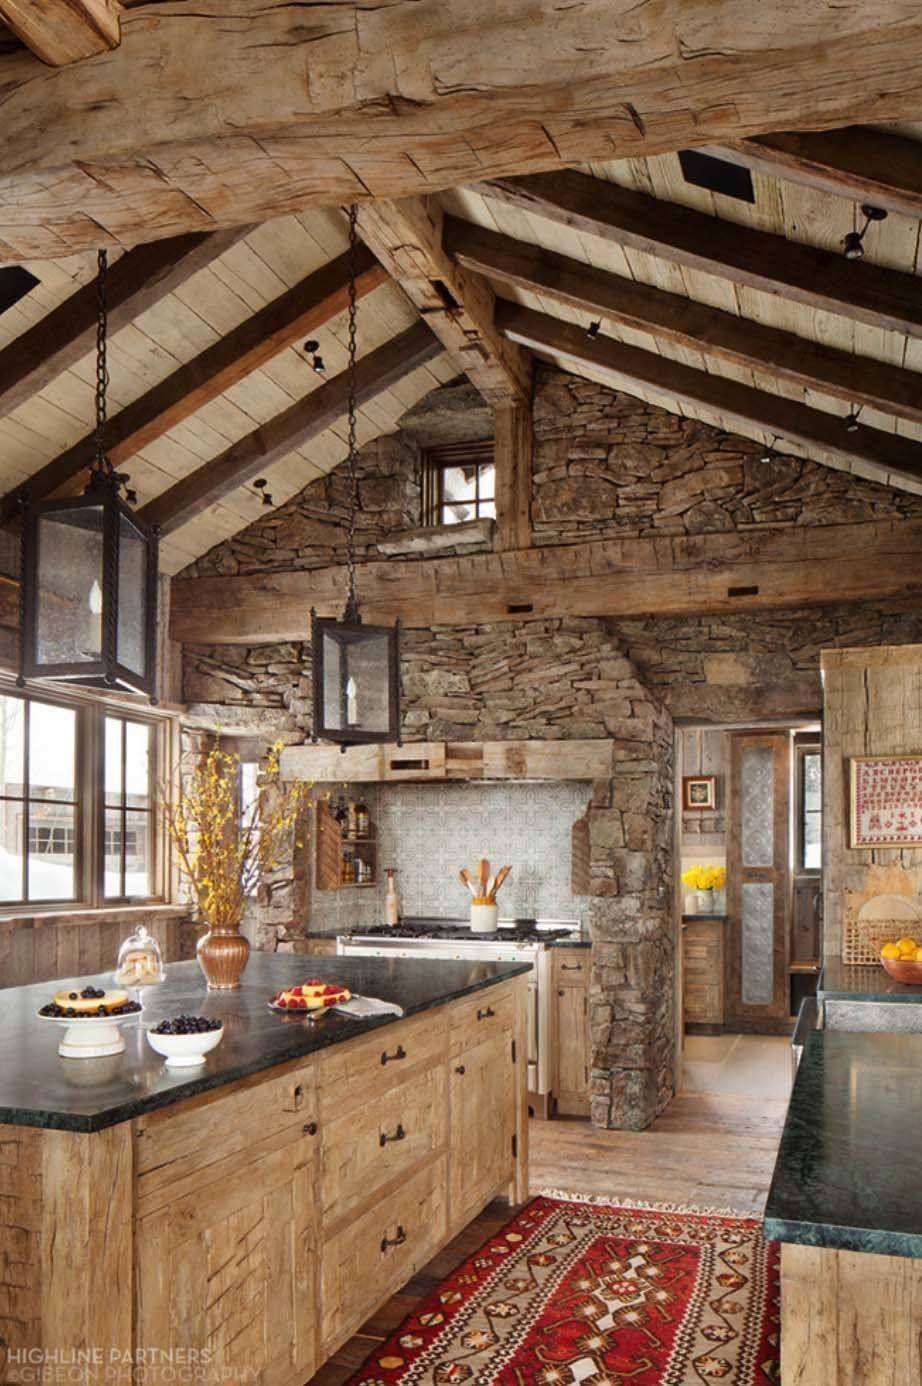 Pin de Kristin Mckenzie en rugs | Pinterest | Casas, Cocinas y Cabañas